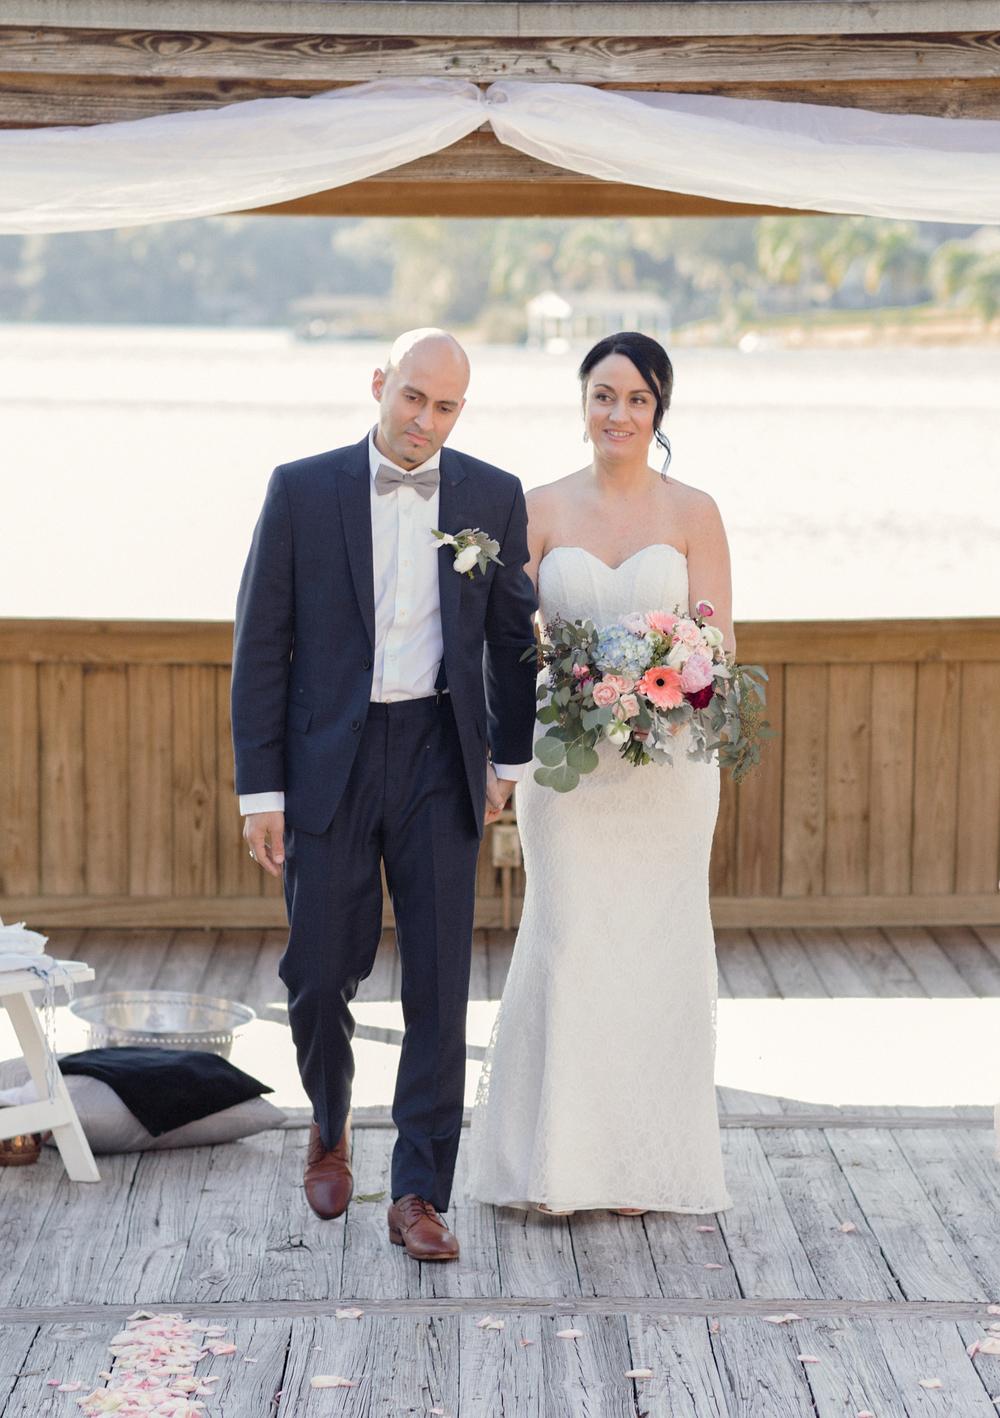 Orlando Wedding | Vanessa Boy |VANESSABOY.COM-302.com final set .jpg